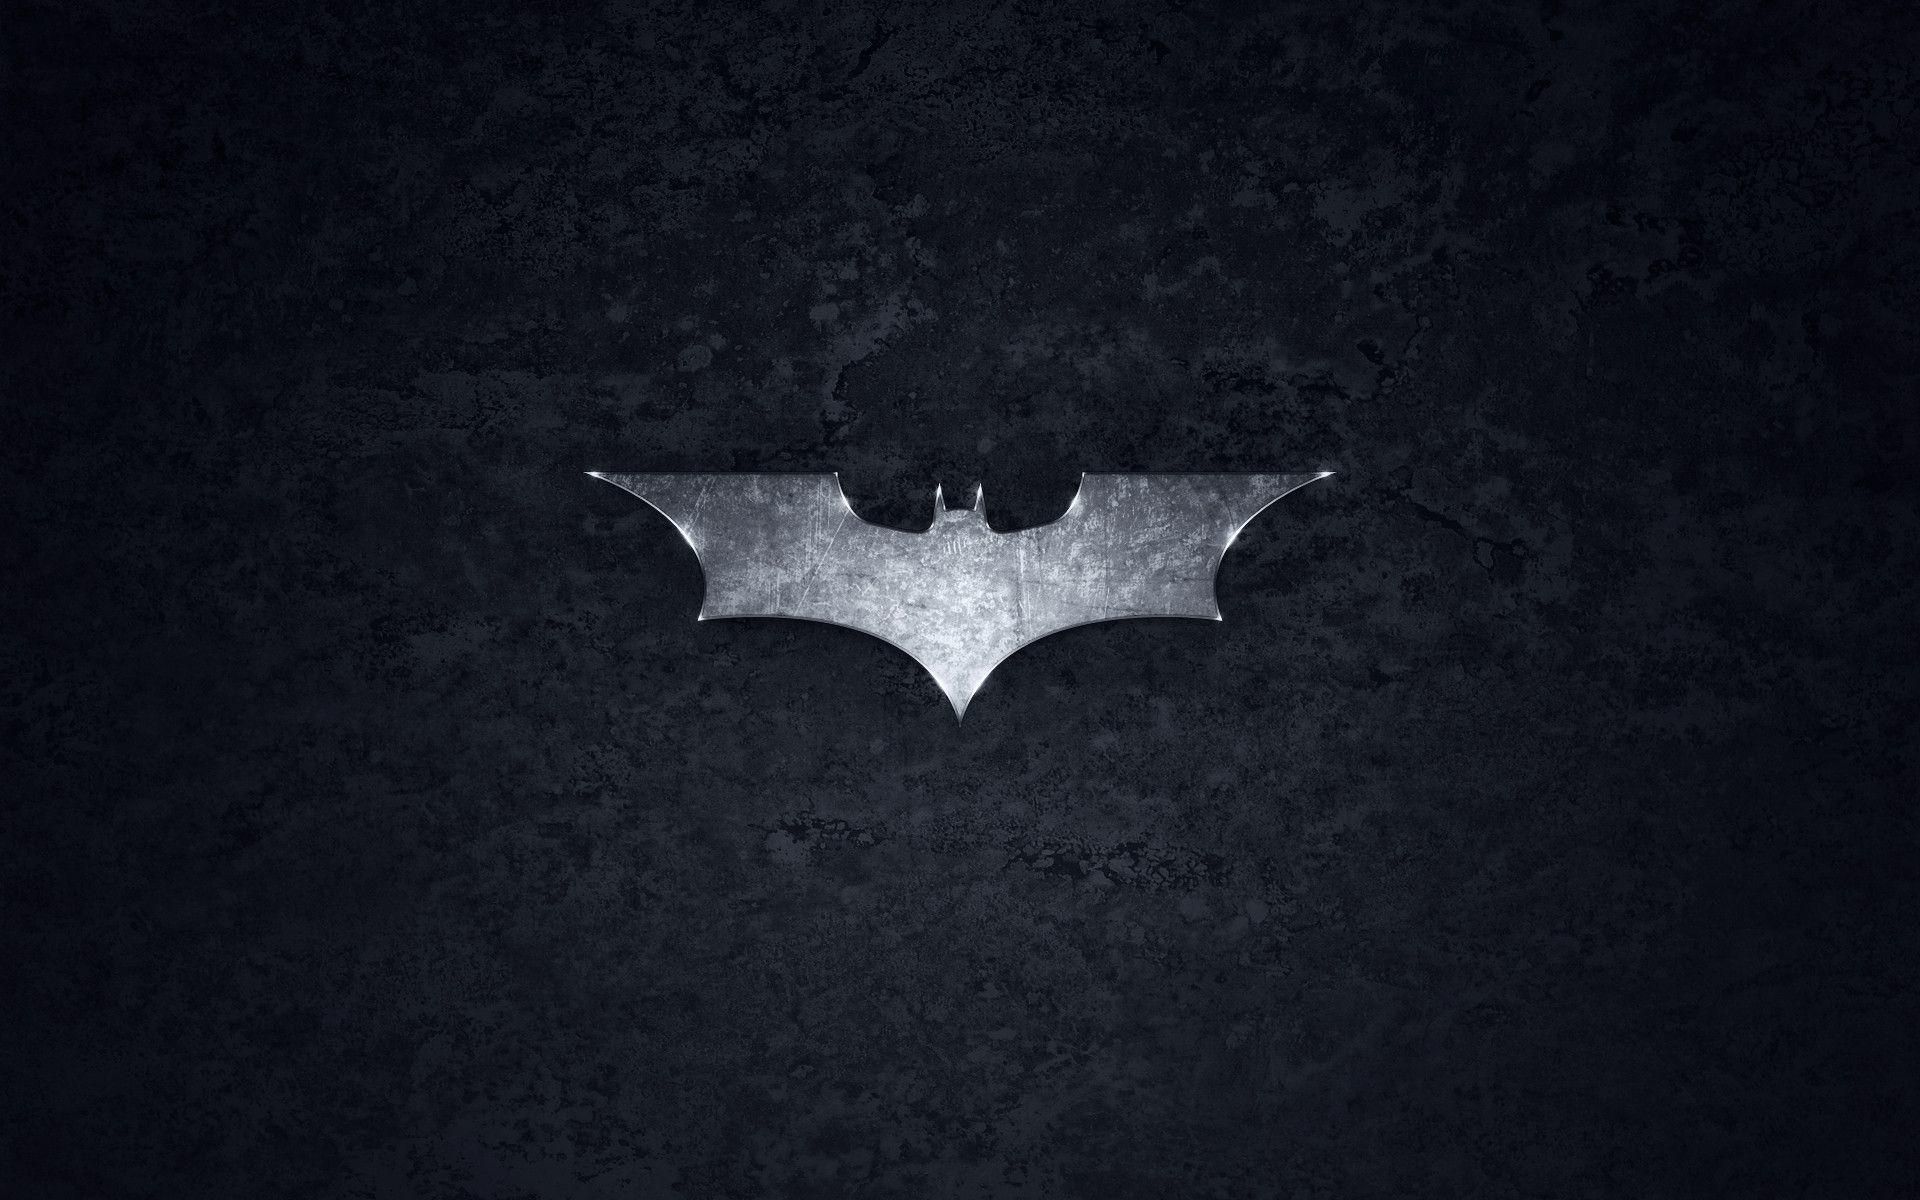 batman wallpapers and screensavers